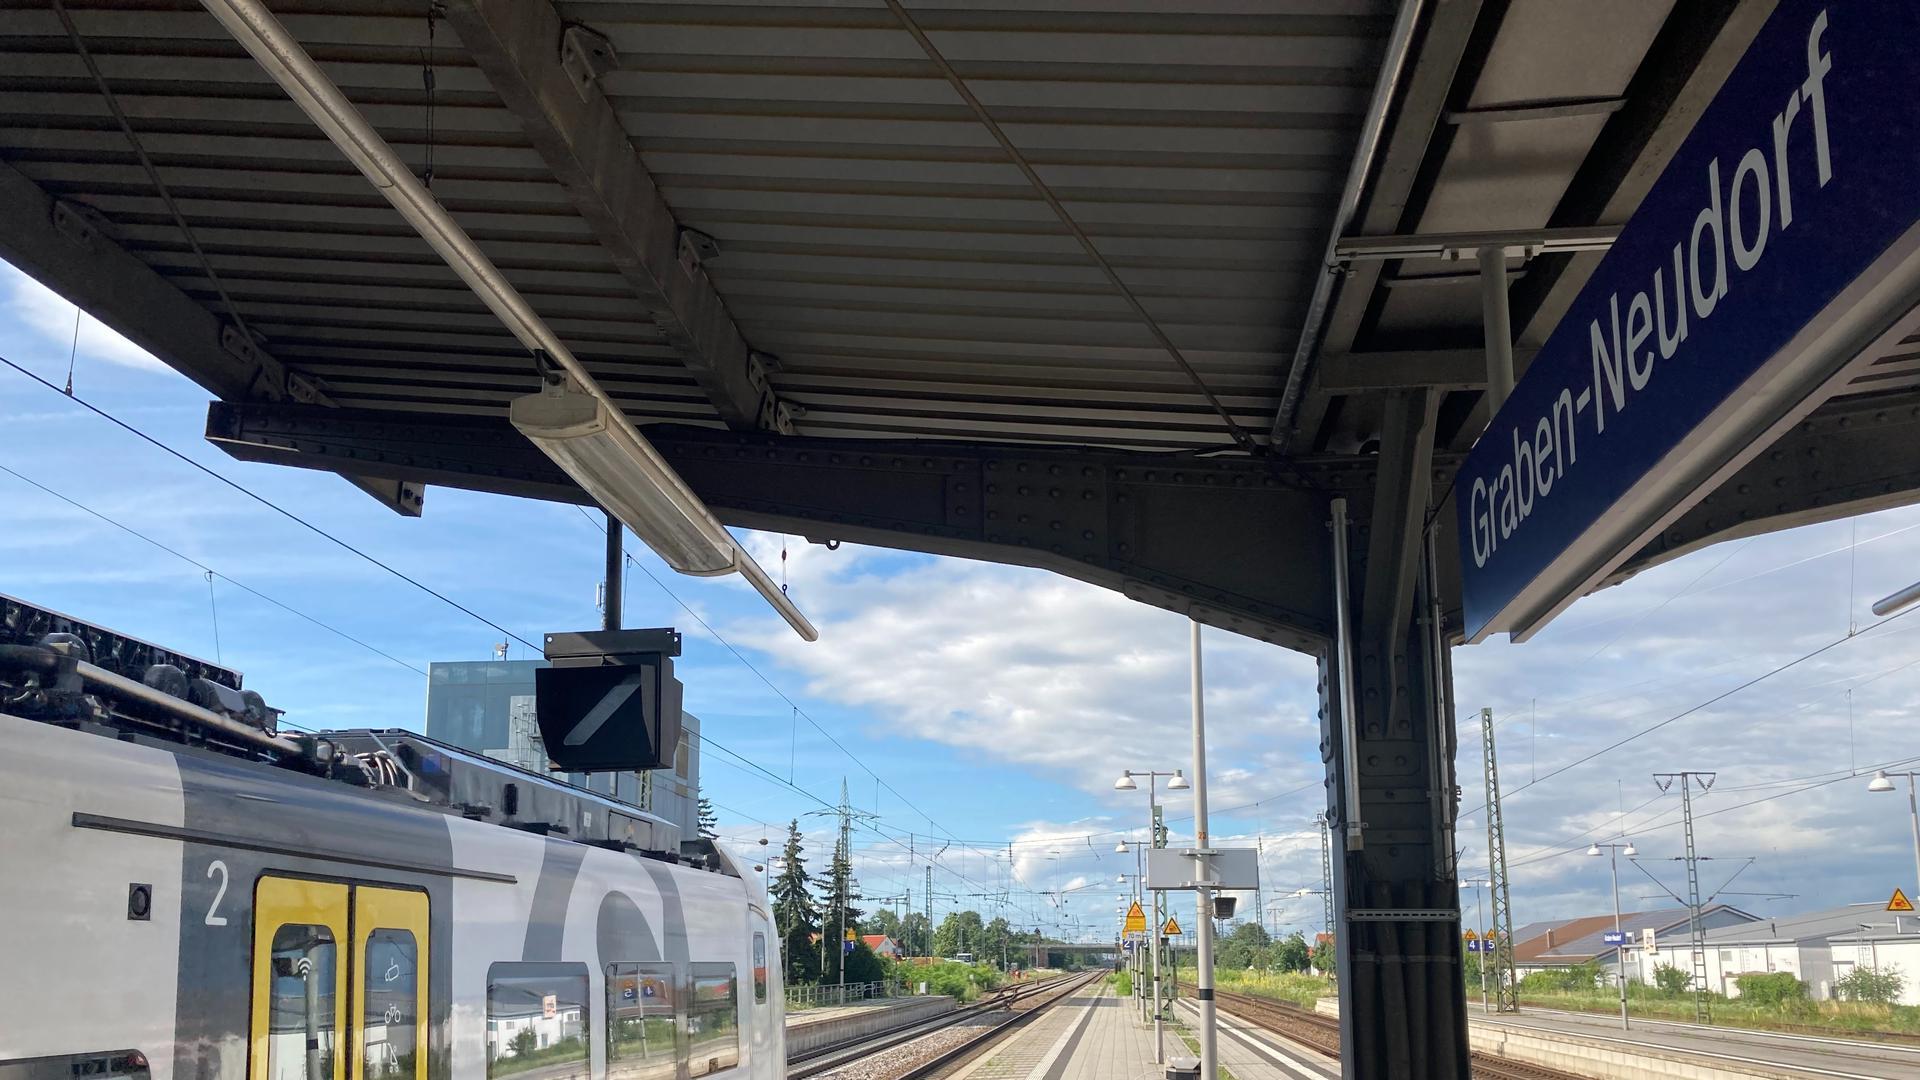 Bahnhof der Zukunft: Mit Regiomove sollen Fahrgäste schnell und unkompliziert auf andere Verkehrsmittel umsteigen können. Am Bahnhof in Graben-Neudorf soll das ab Januar 2022 möglich sein.